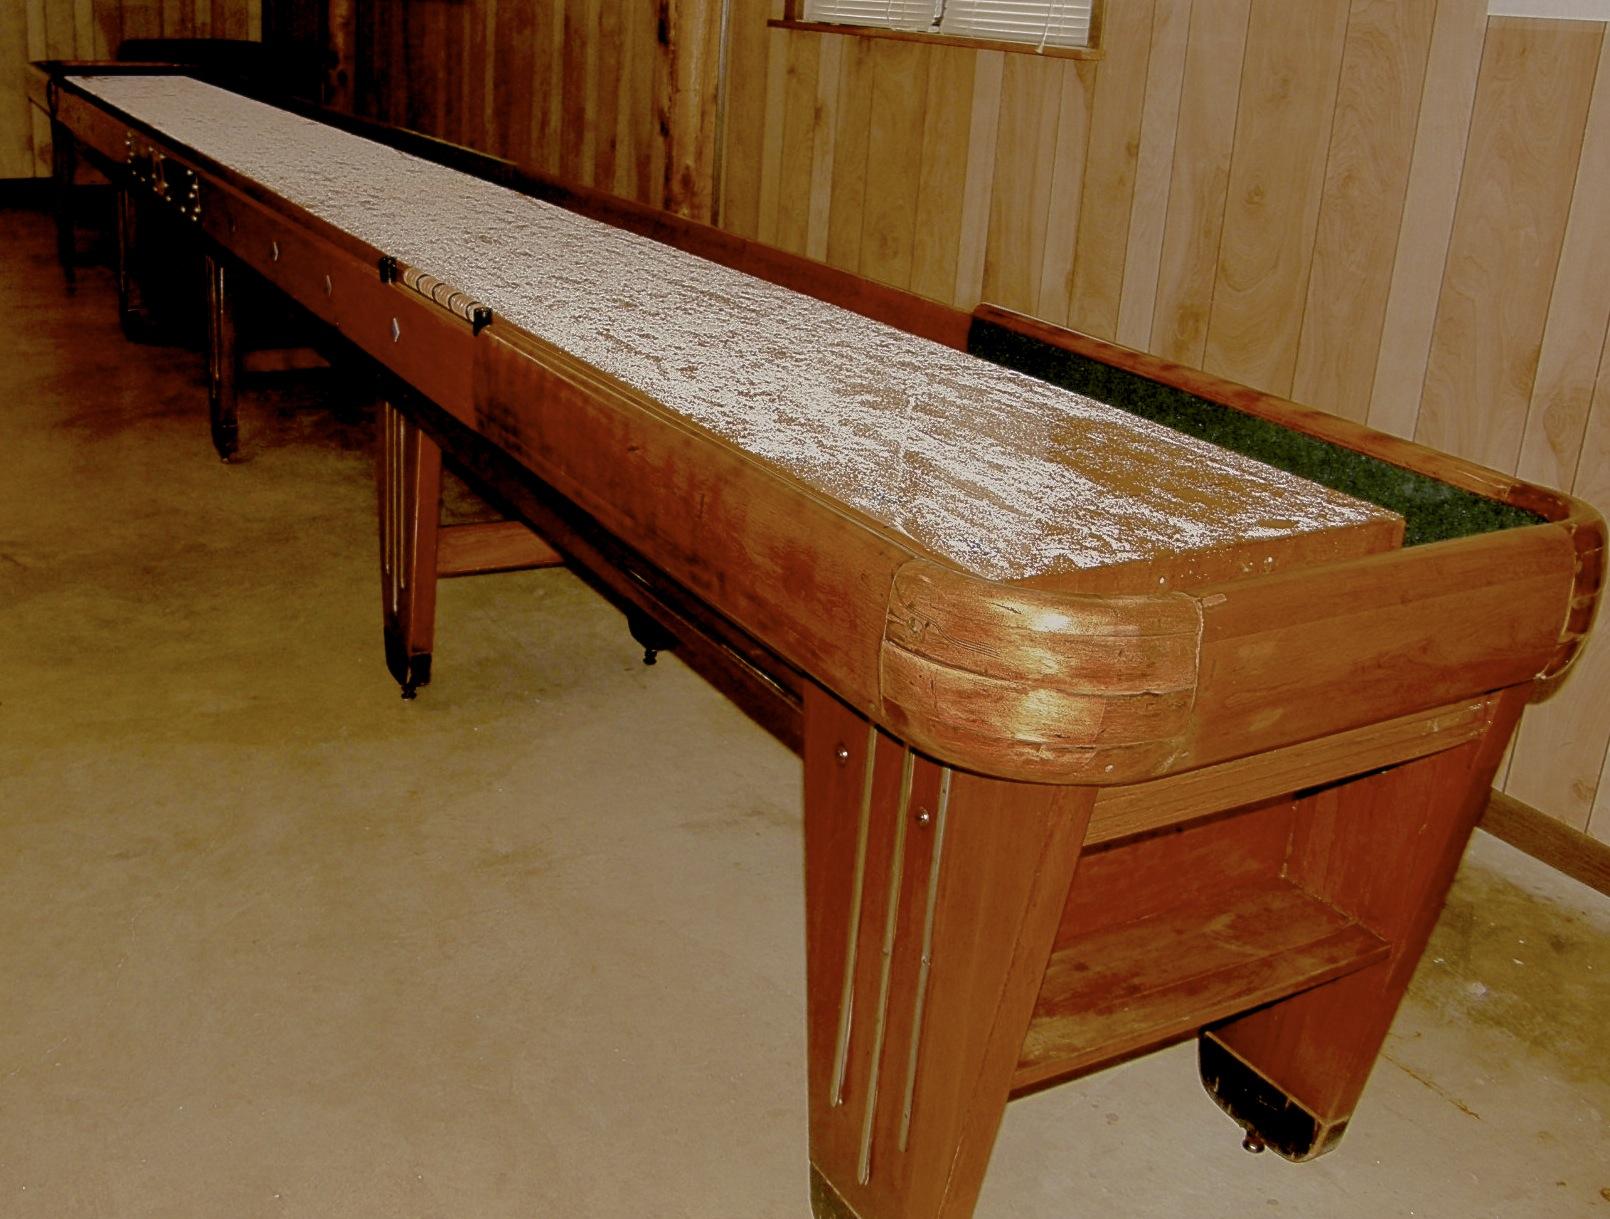 Shuffleboard table.